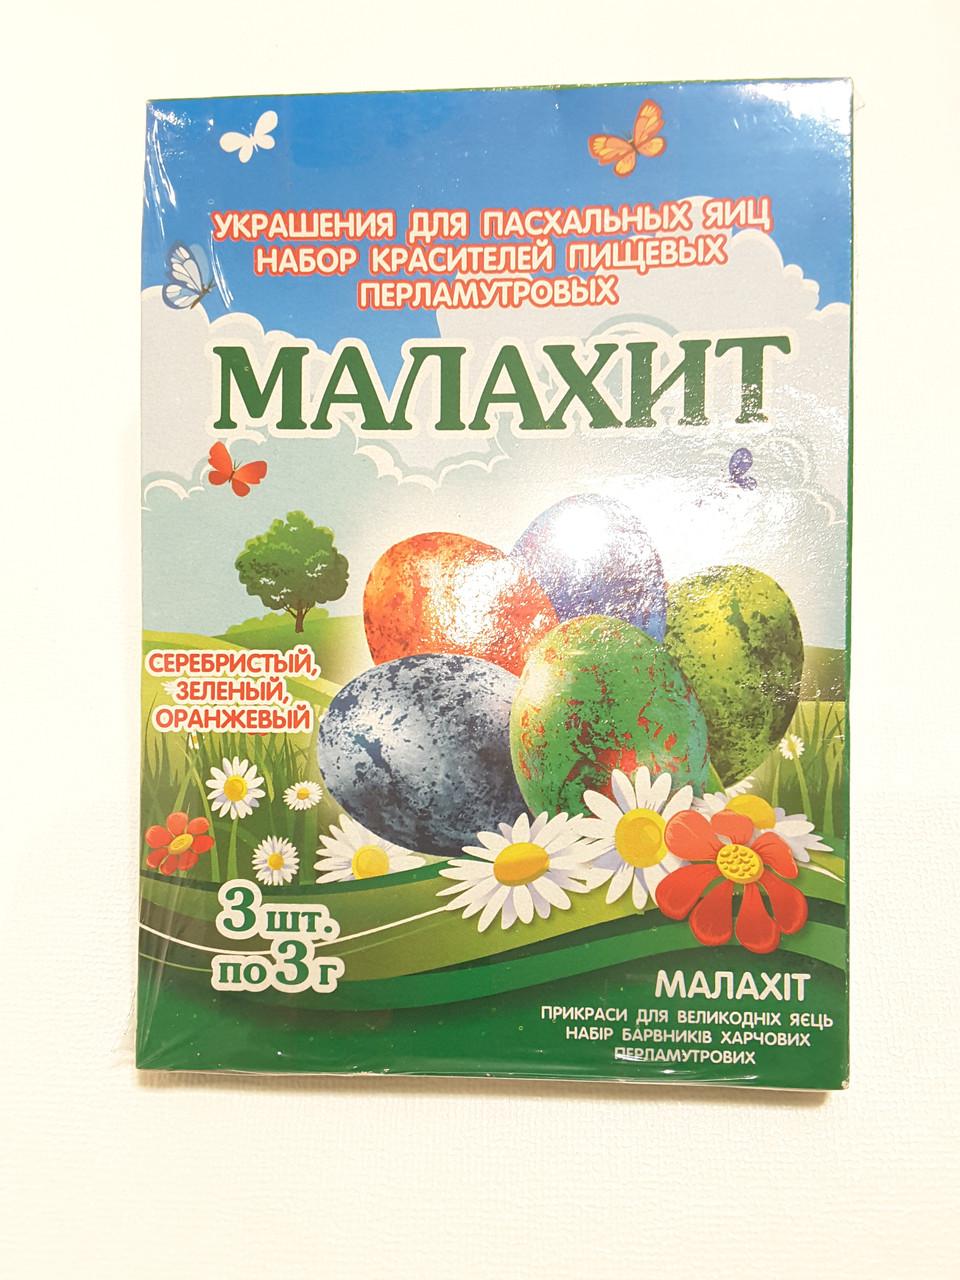 Набор красителей пищевых перламутровых для пасхальных яиц Малахит